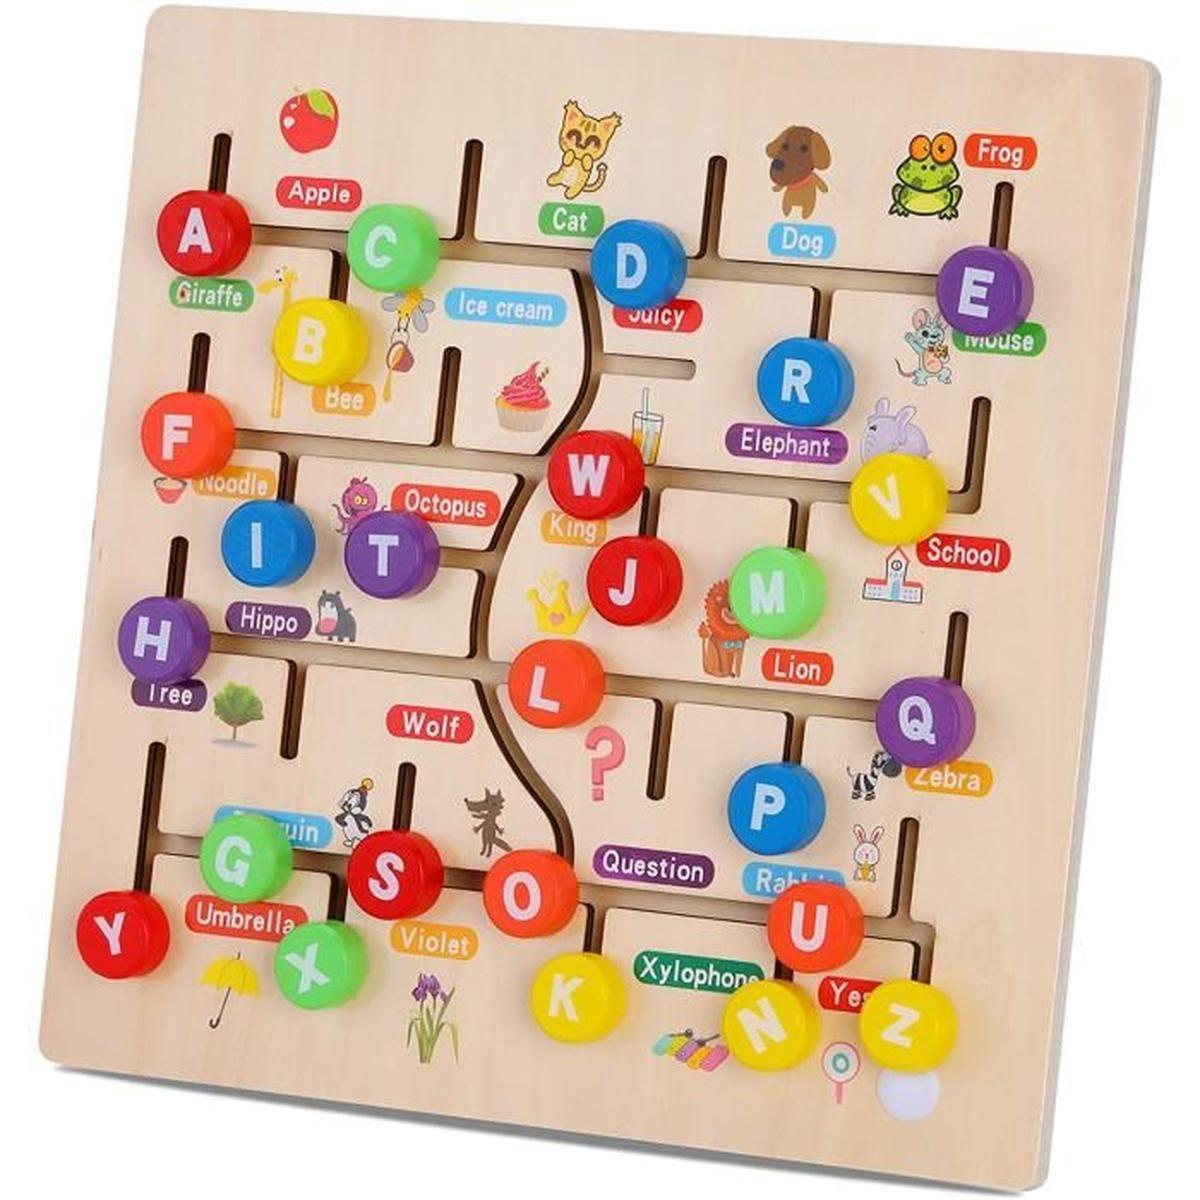 Les Enfants Puzzle Alphabet 6 Lettres Jeux D'association Puzzle Jouets  D'apprentissage Compétences Motrices Éducatives Précoces avec Jeux De Lettres Enfants